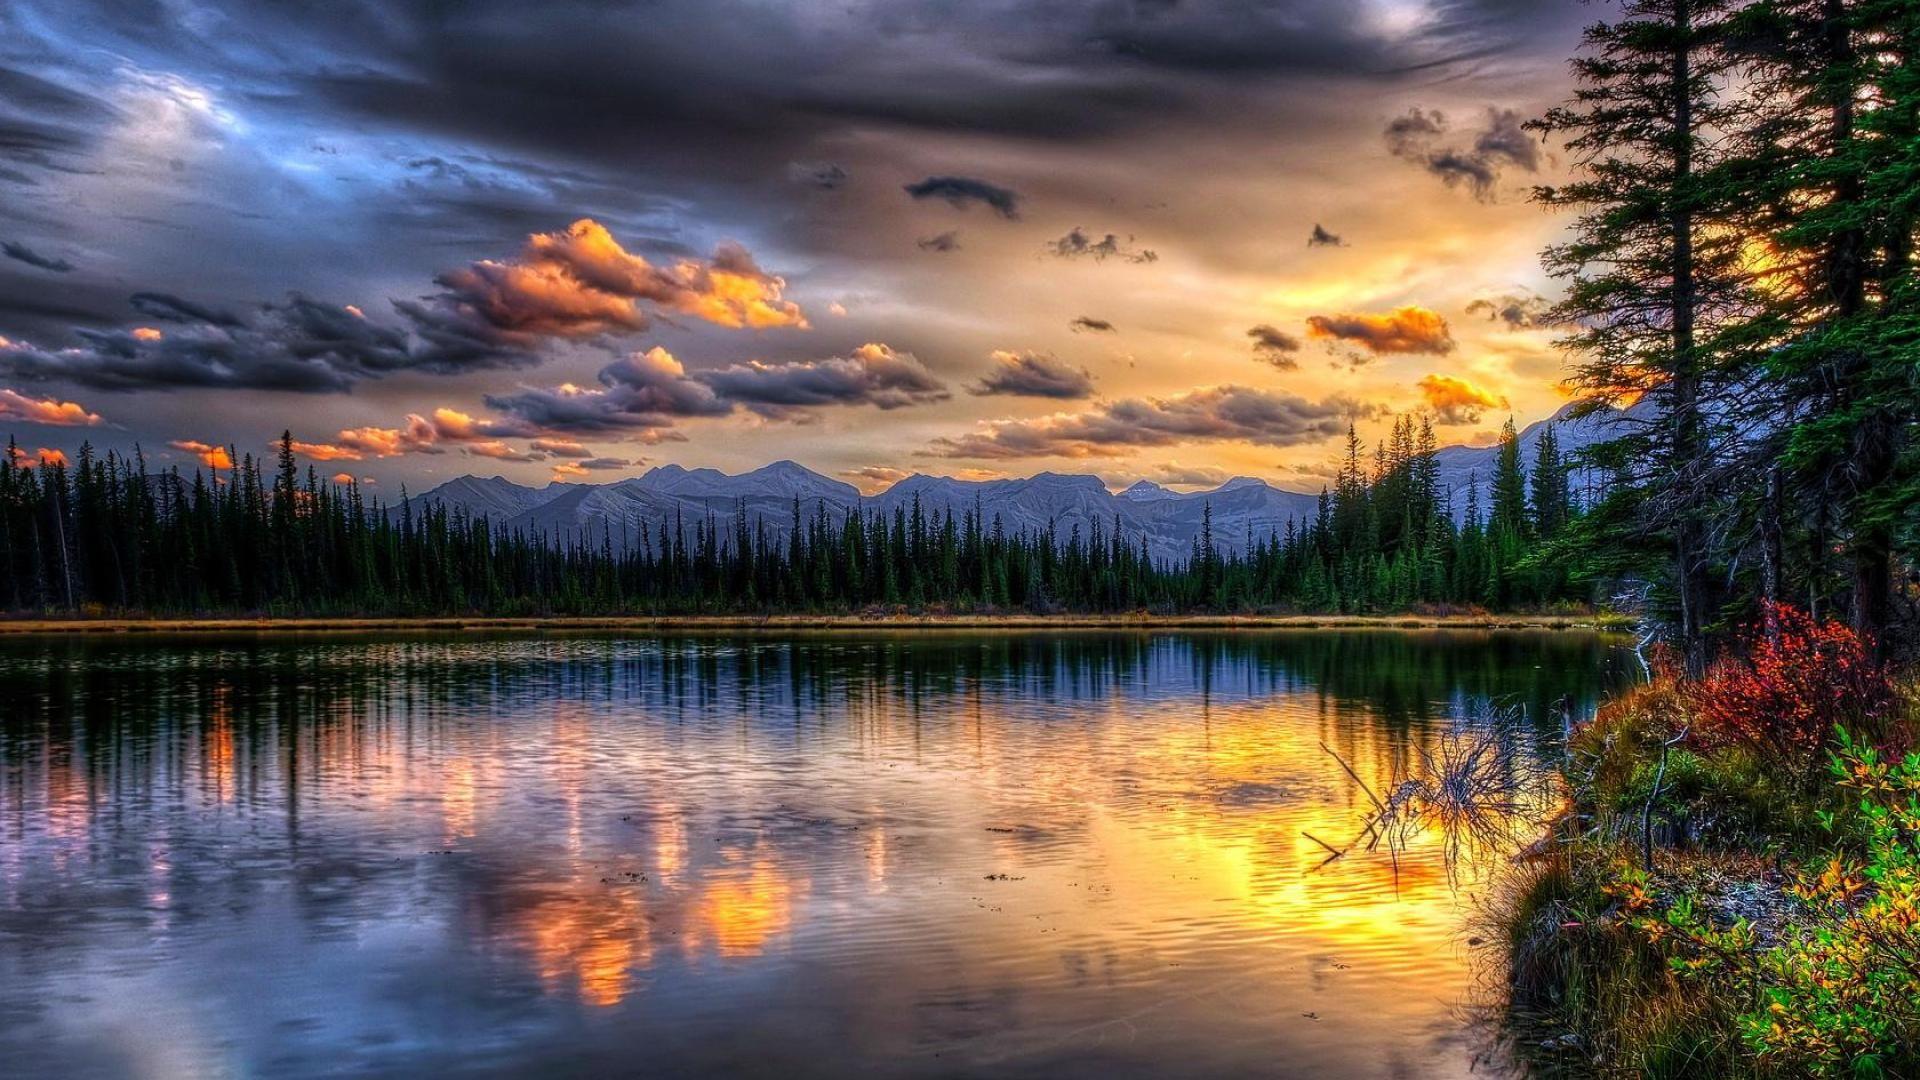 Beautiful Landscapes Google Search Pretty Landscapes Landscape Pictures Beautiful Landscape Wallpaper